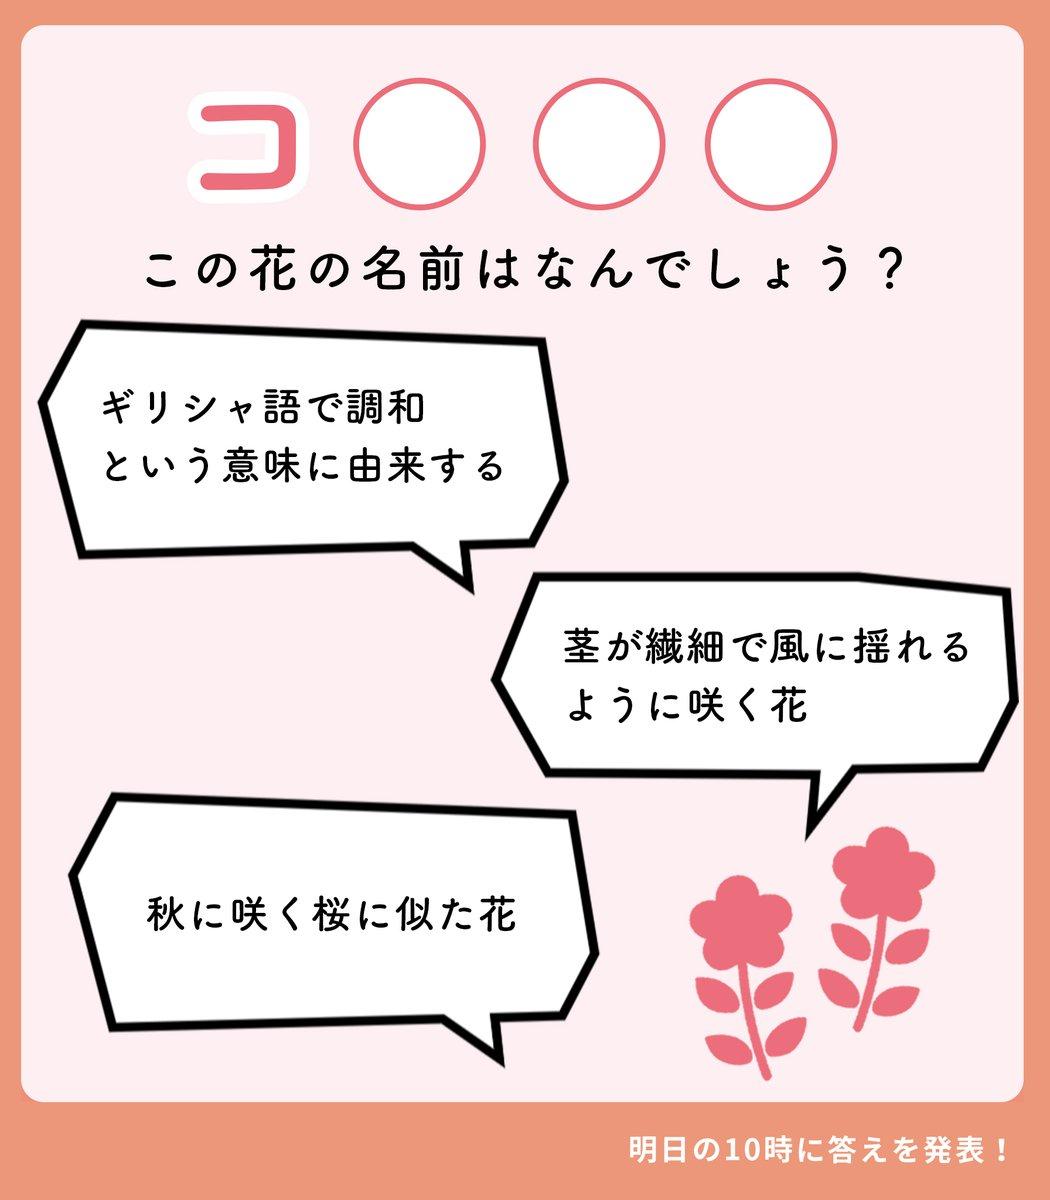 花キューピット | i879.com【公式】さんの投稿画像